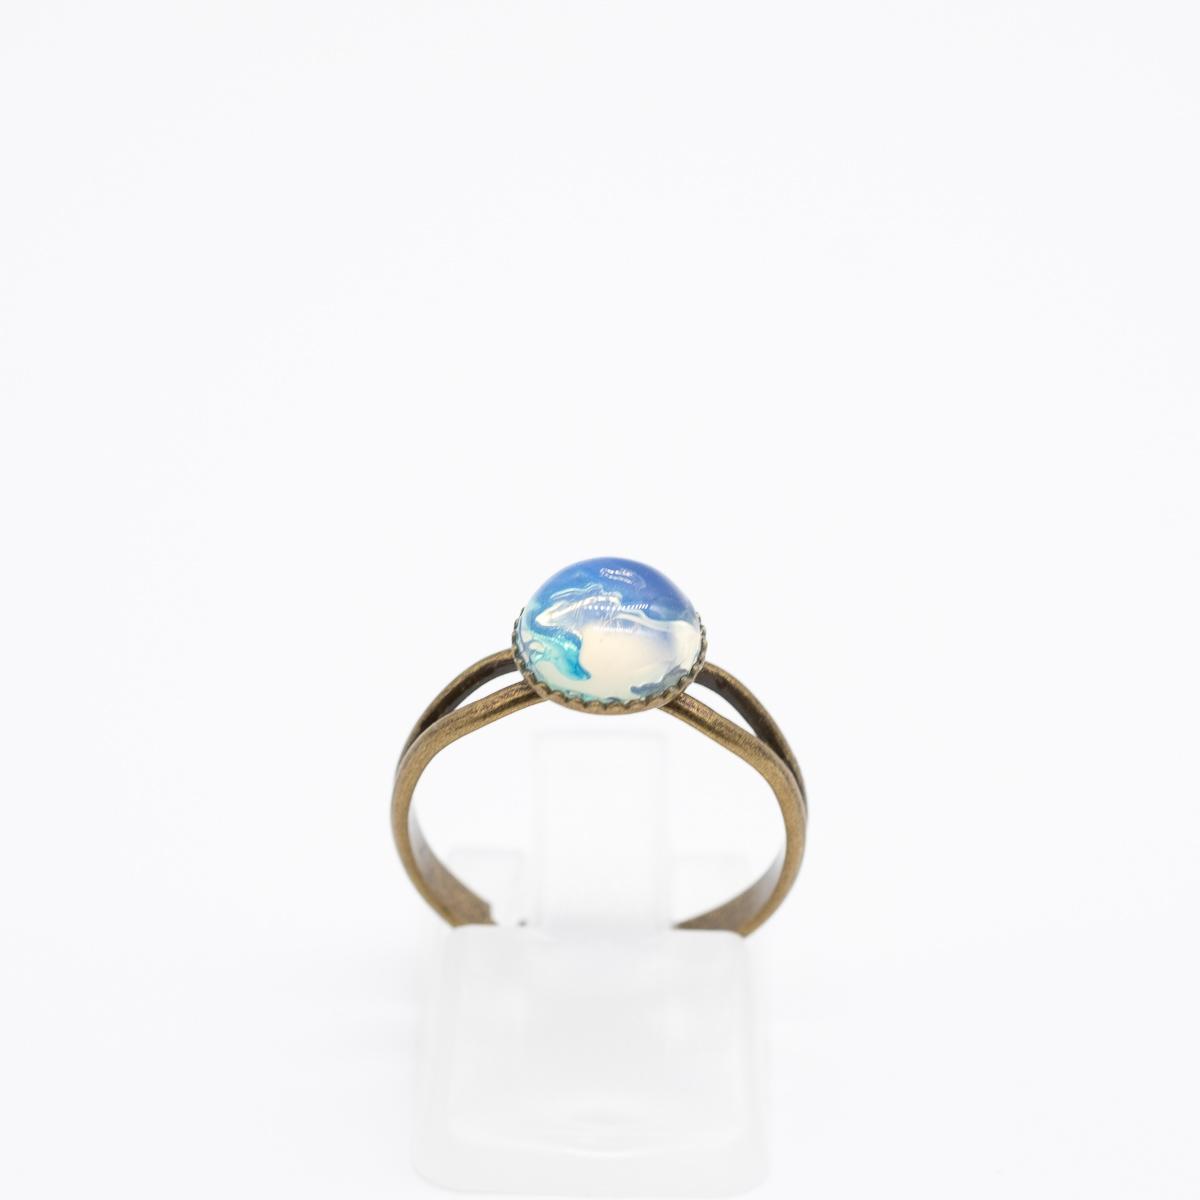 RNG-016 opaliet ring brons kopen